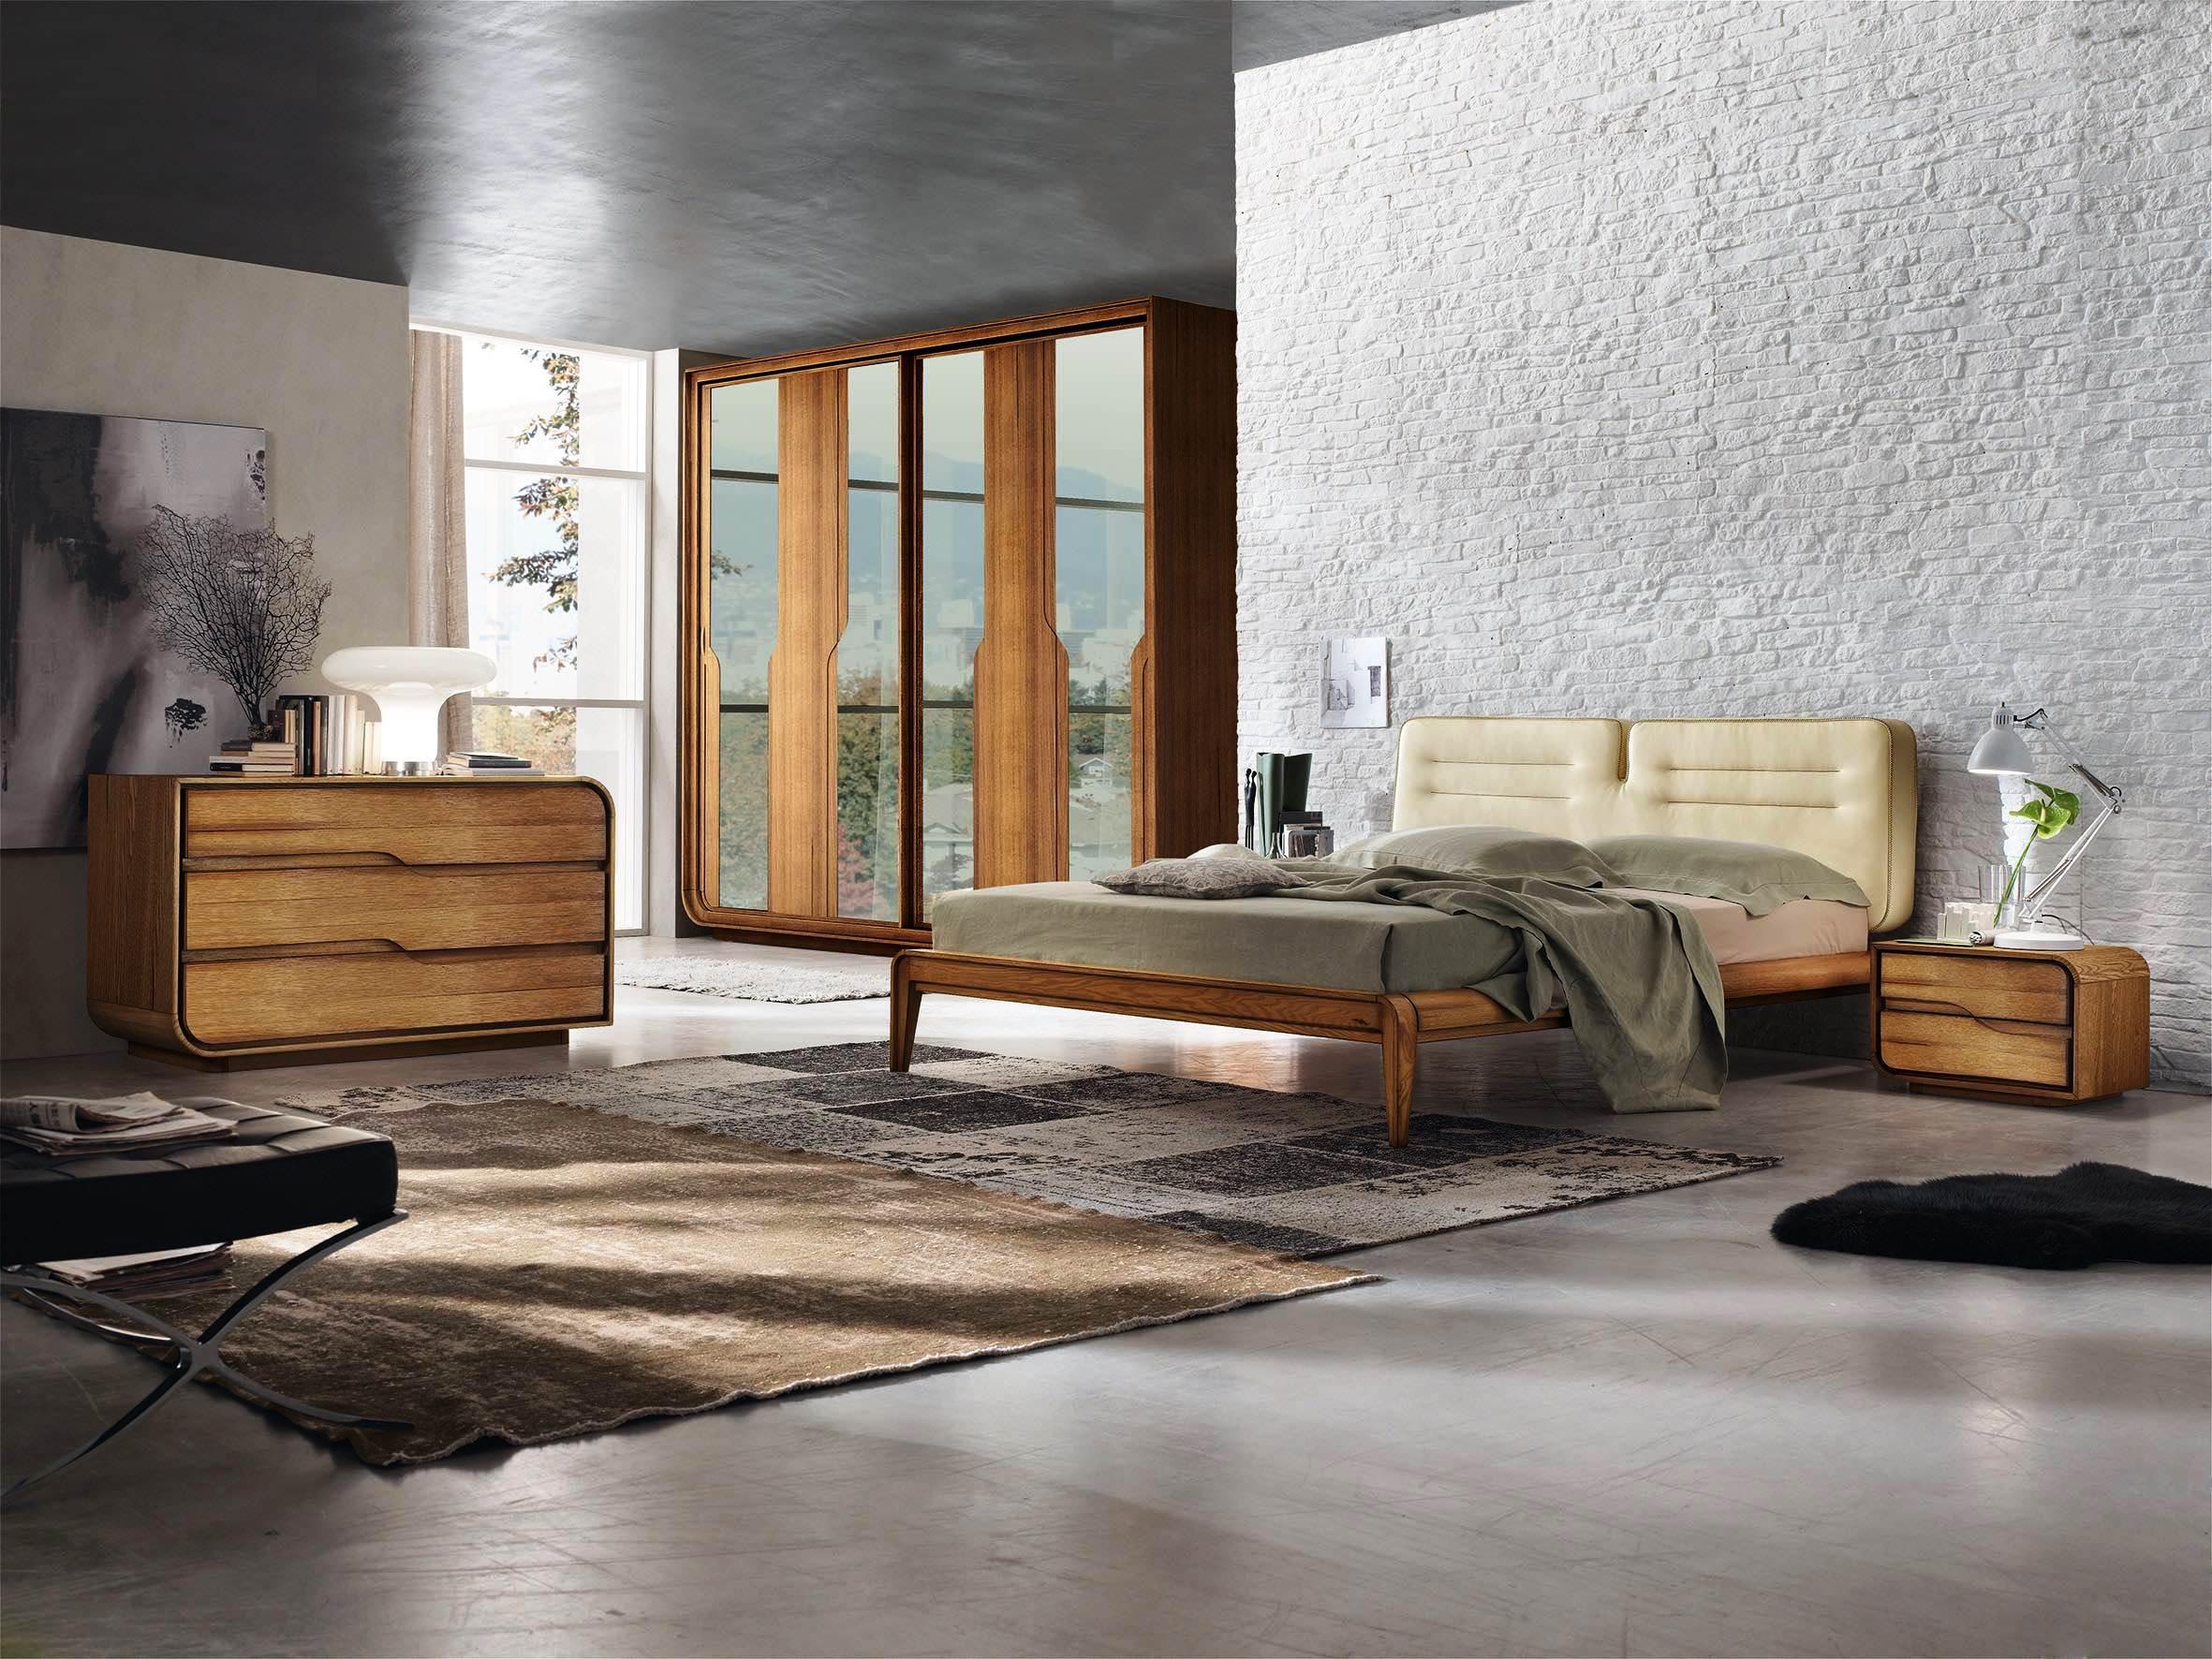 Camera da letto legno massello vs formaldeide - Camere da letto in legno rustico ...